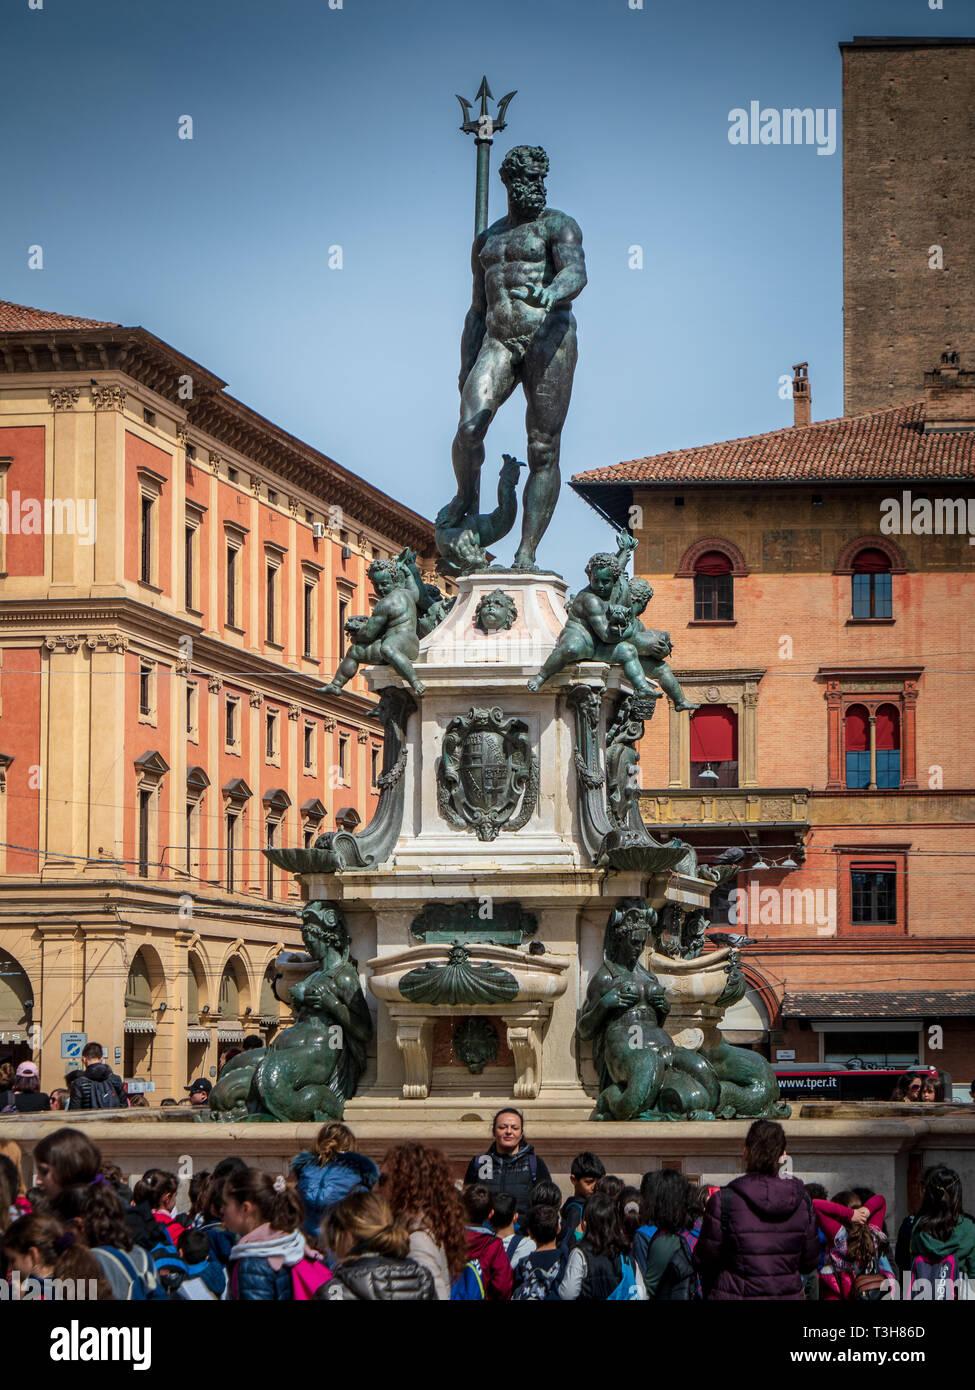 Fountain of Neptune Fontana di Nettuno, a monumental civic fountain located on Piazza del Nettuno next to Piazza Maggiore. Created 1565 by Giambologna - Stock Image